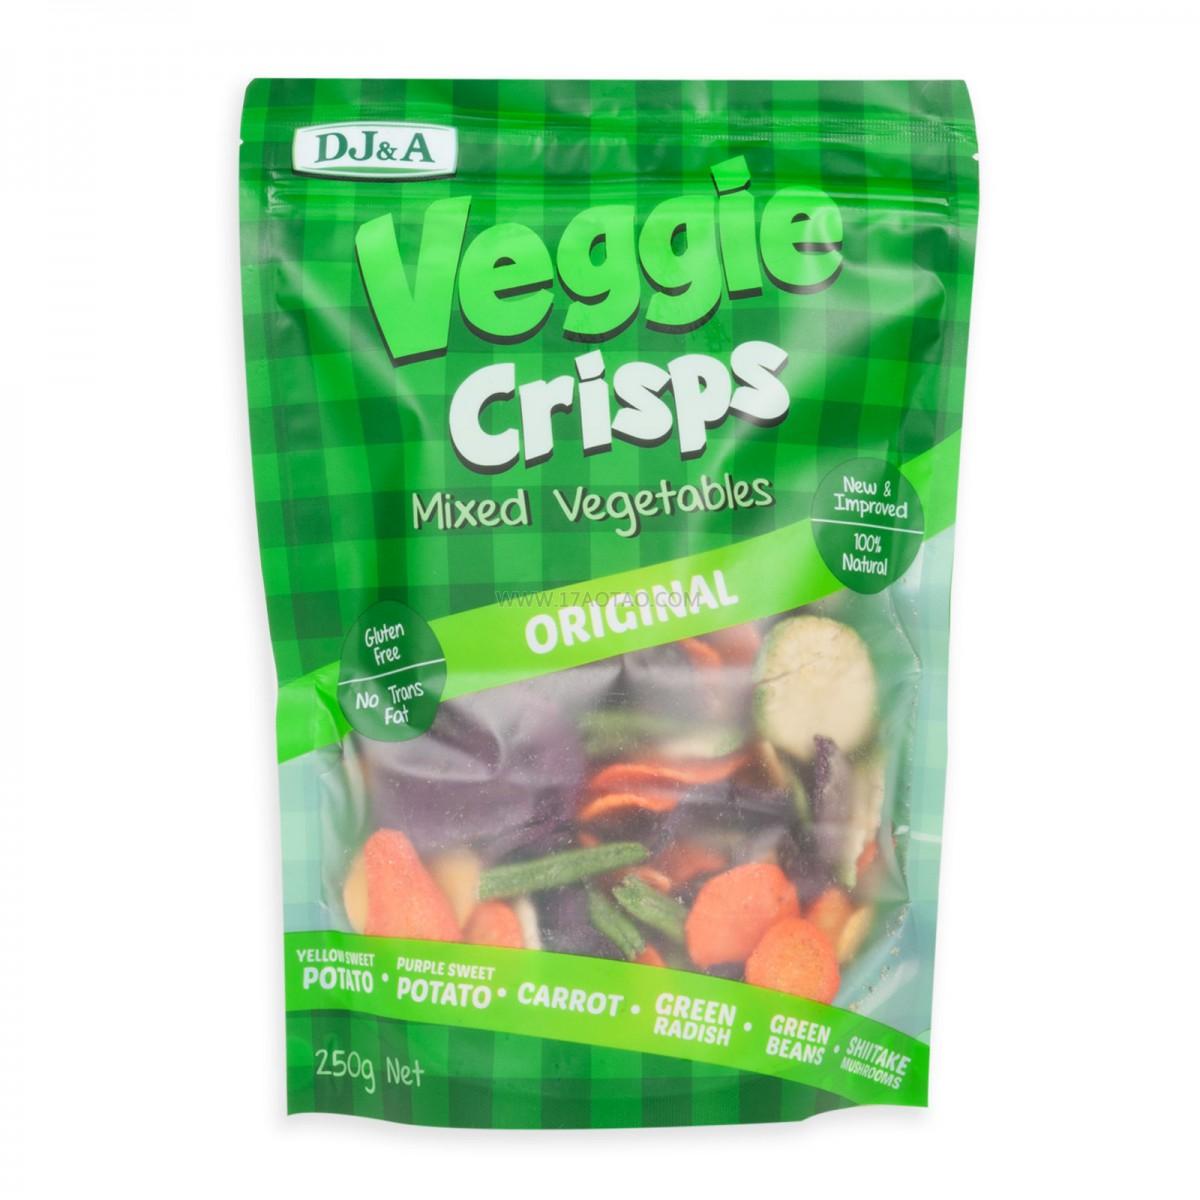 DJ&A Veggie Crisps 有机蔬菜干 6种有机蔬菜 原味 250G